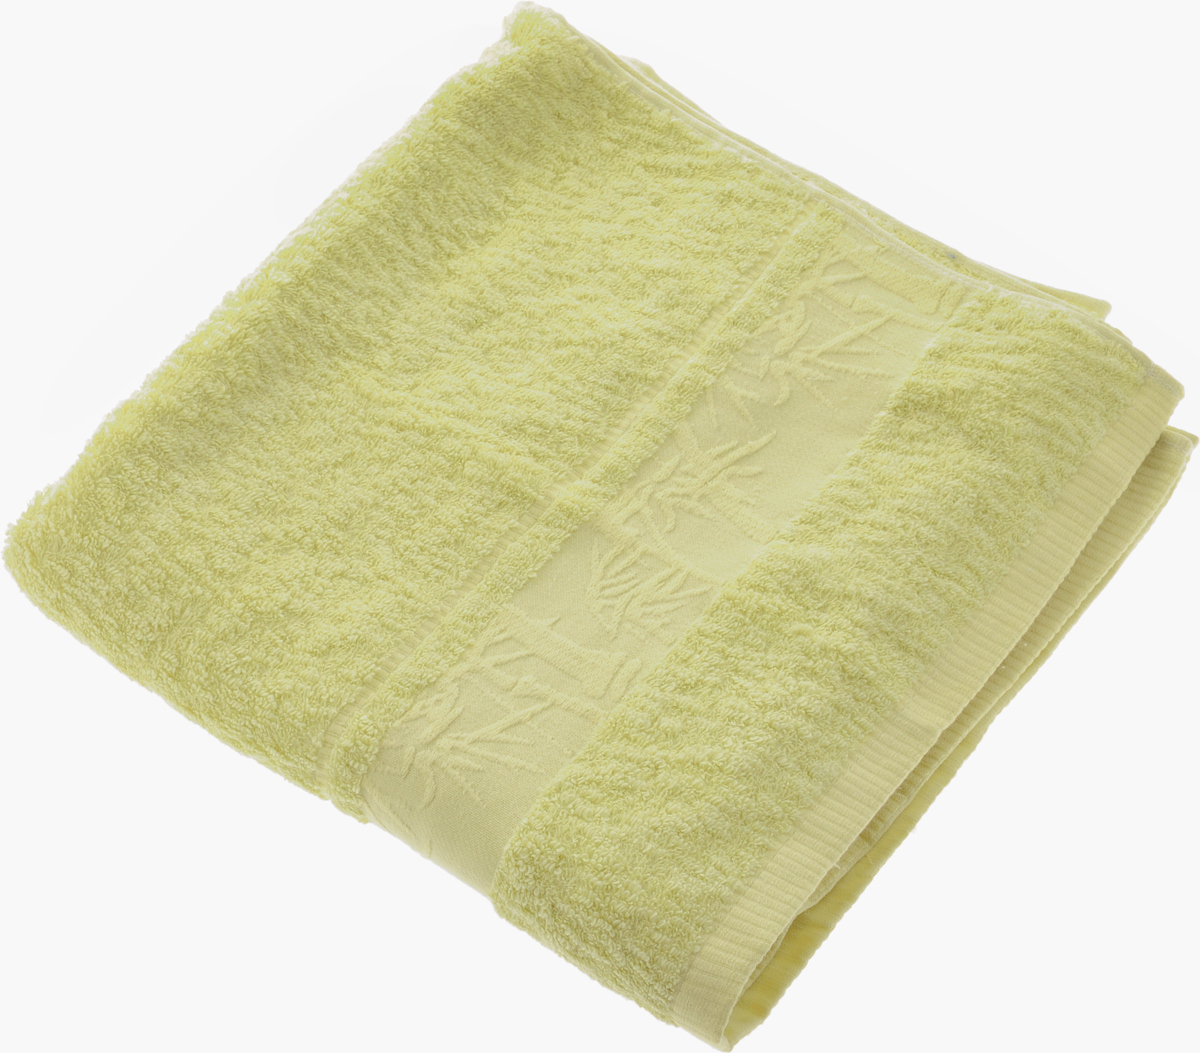 Полотенце Soavita Chloe, цвет: светло-зеленый, 30 х 70 см68/5/4Полотенце Soavita Chloe выполнено из 100% бамбукового волокна. Изделие отлично впитывает влагу, быстро сохнет, сохраняет яркость цвета и не теряет форму даже после многократных стирок. Полотенце очень практично и неприхотливо в уходе. Оно создаст прекрасное настроение и украсит интерьер в ванной комнате.